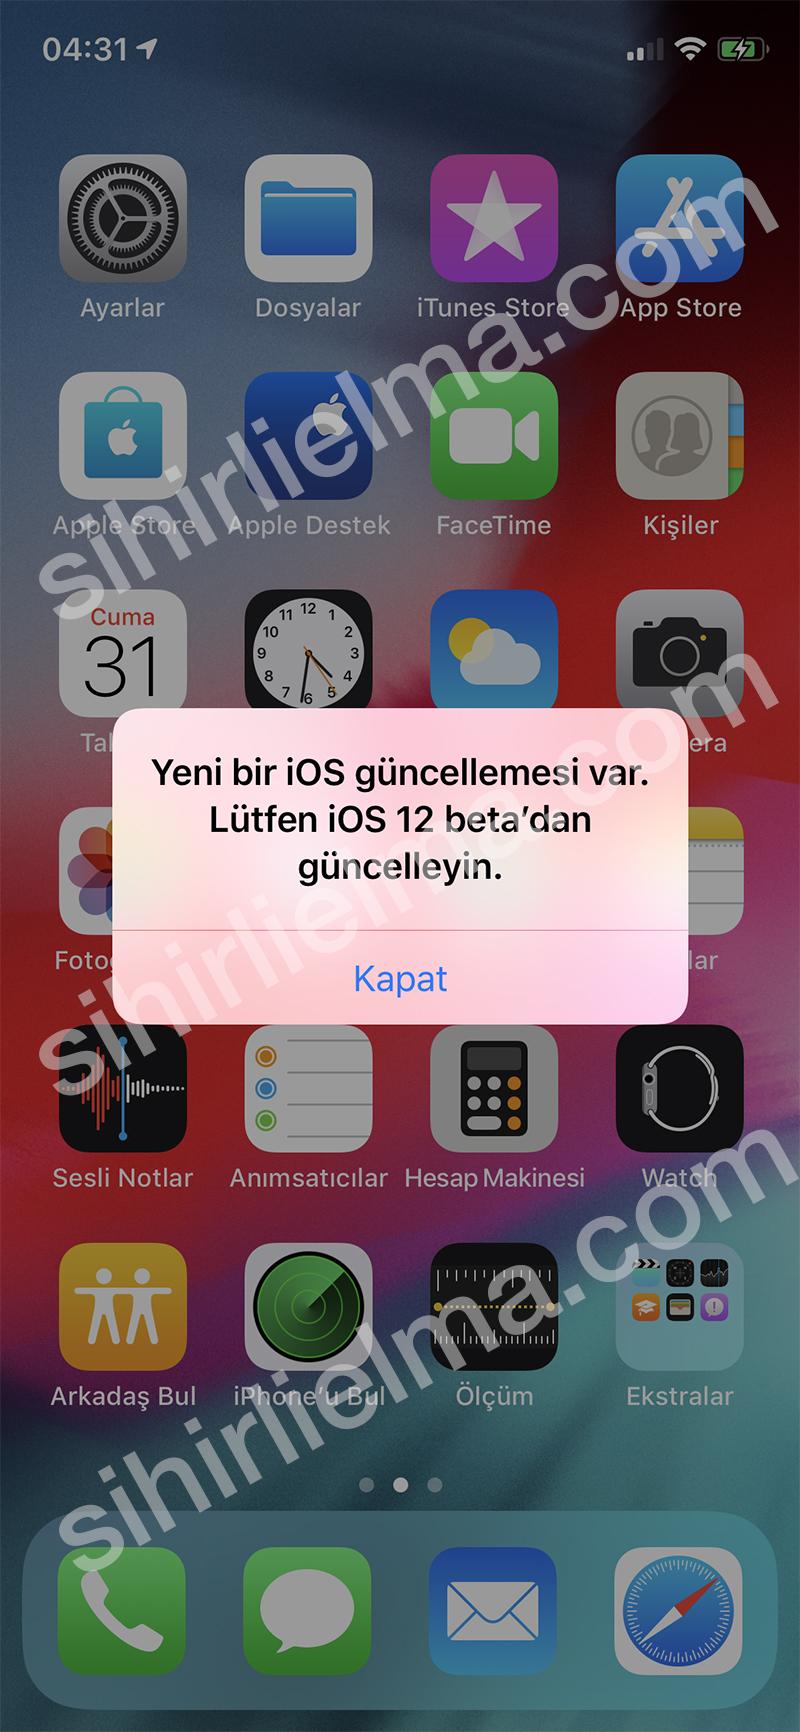 iOS 12 Güncelleme Diyalog Ekranı